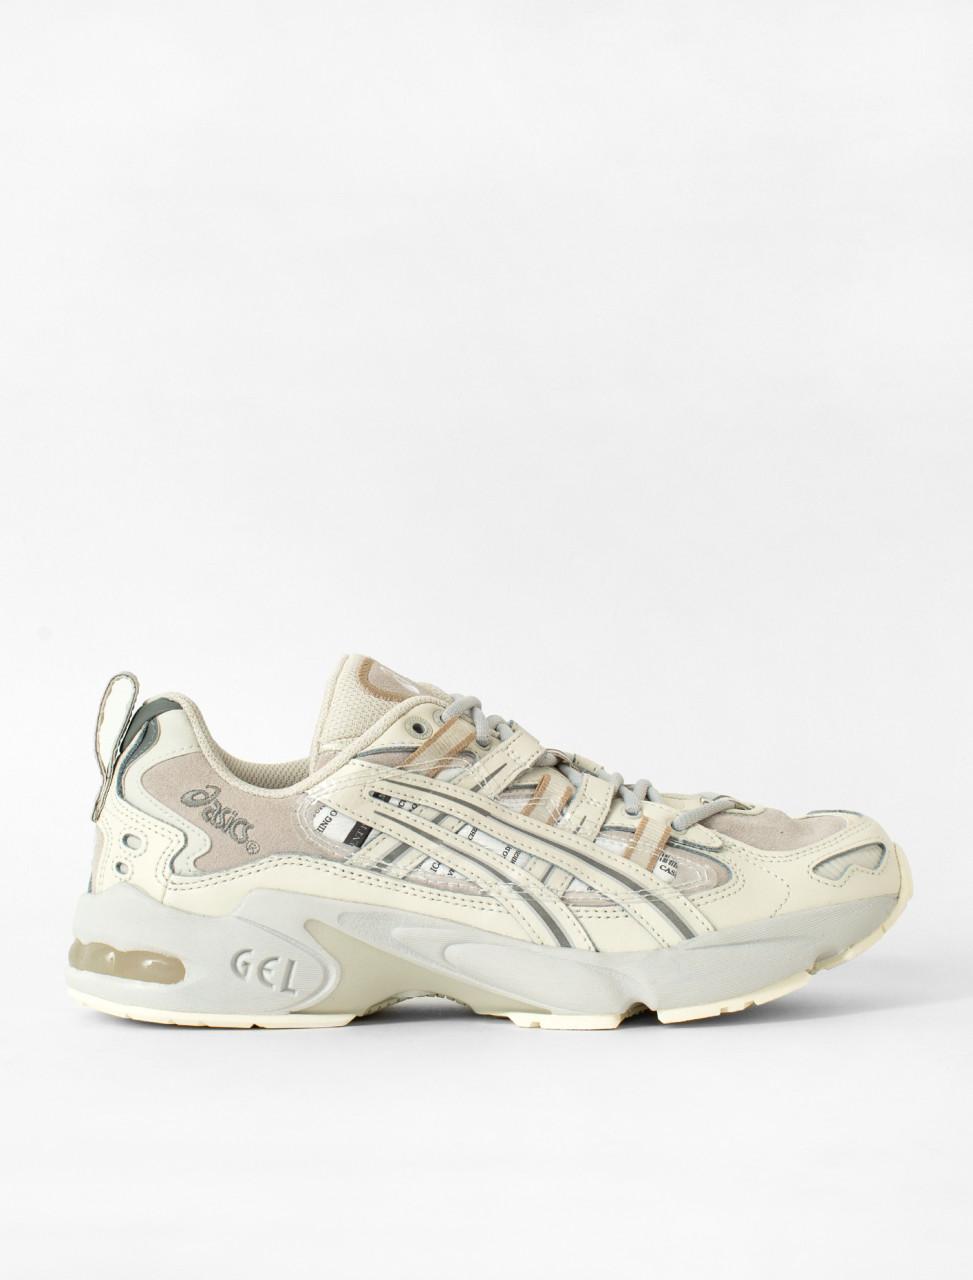 x Chemist Creations GEL-Kayano 5 OG Sneaker